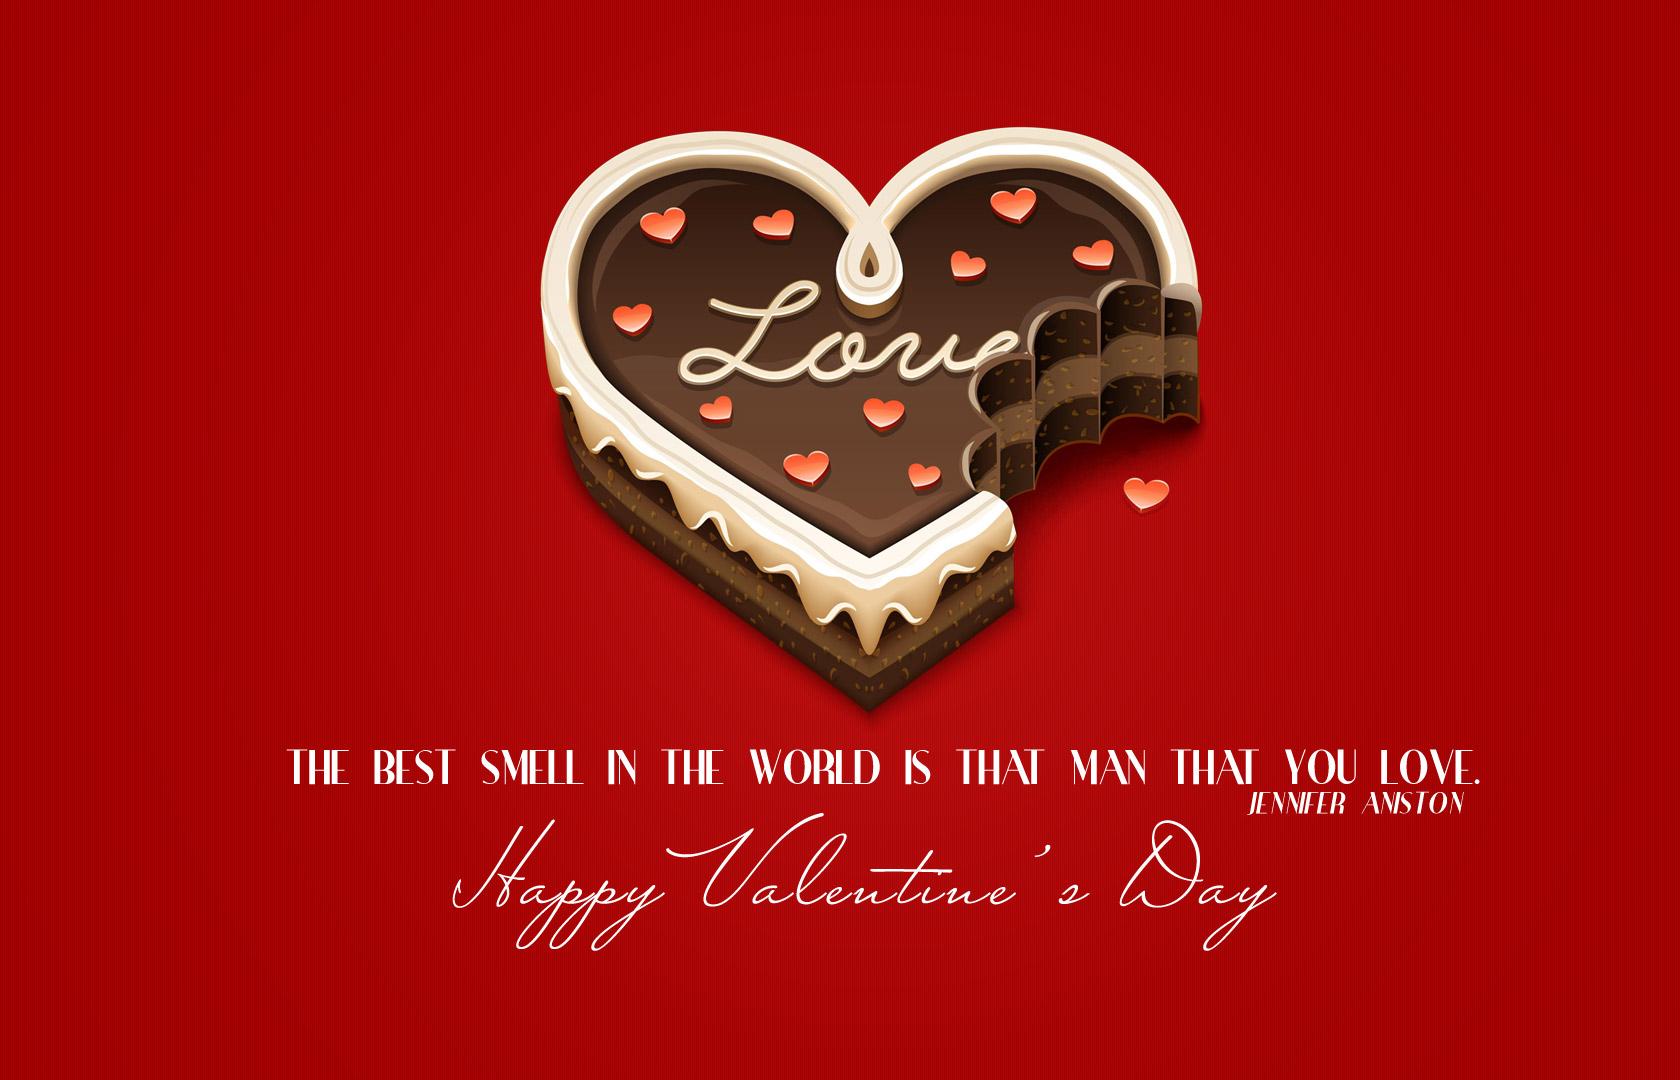 Happy Valentine's Day quote